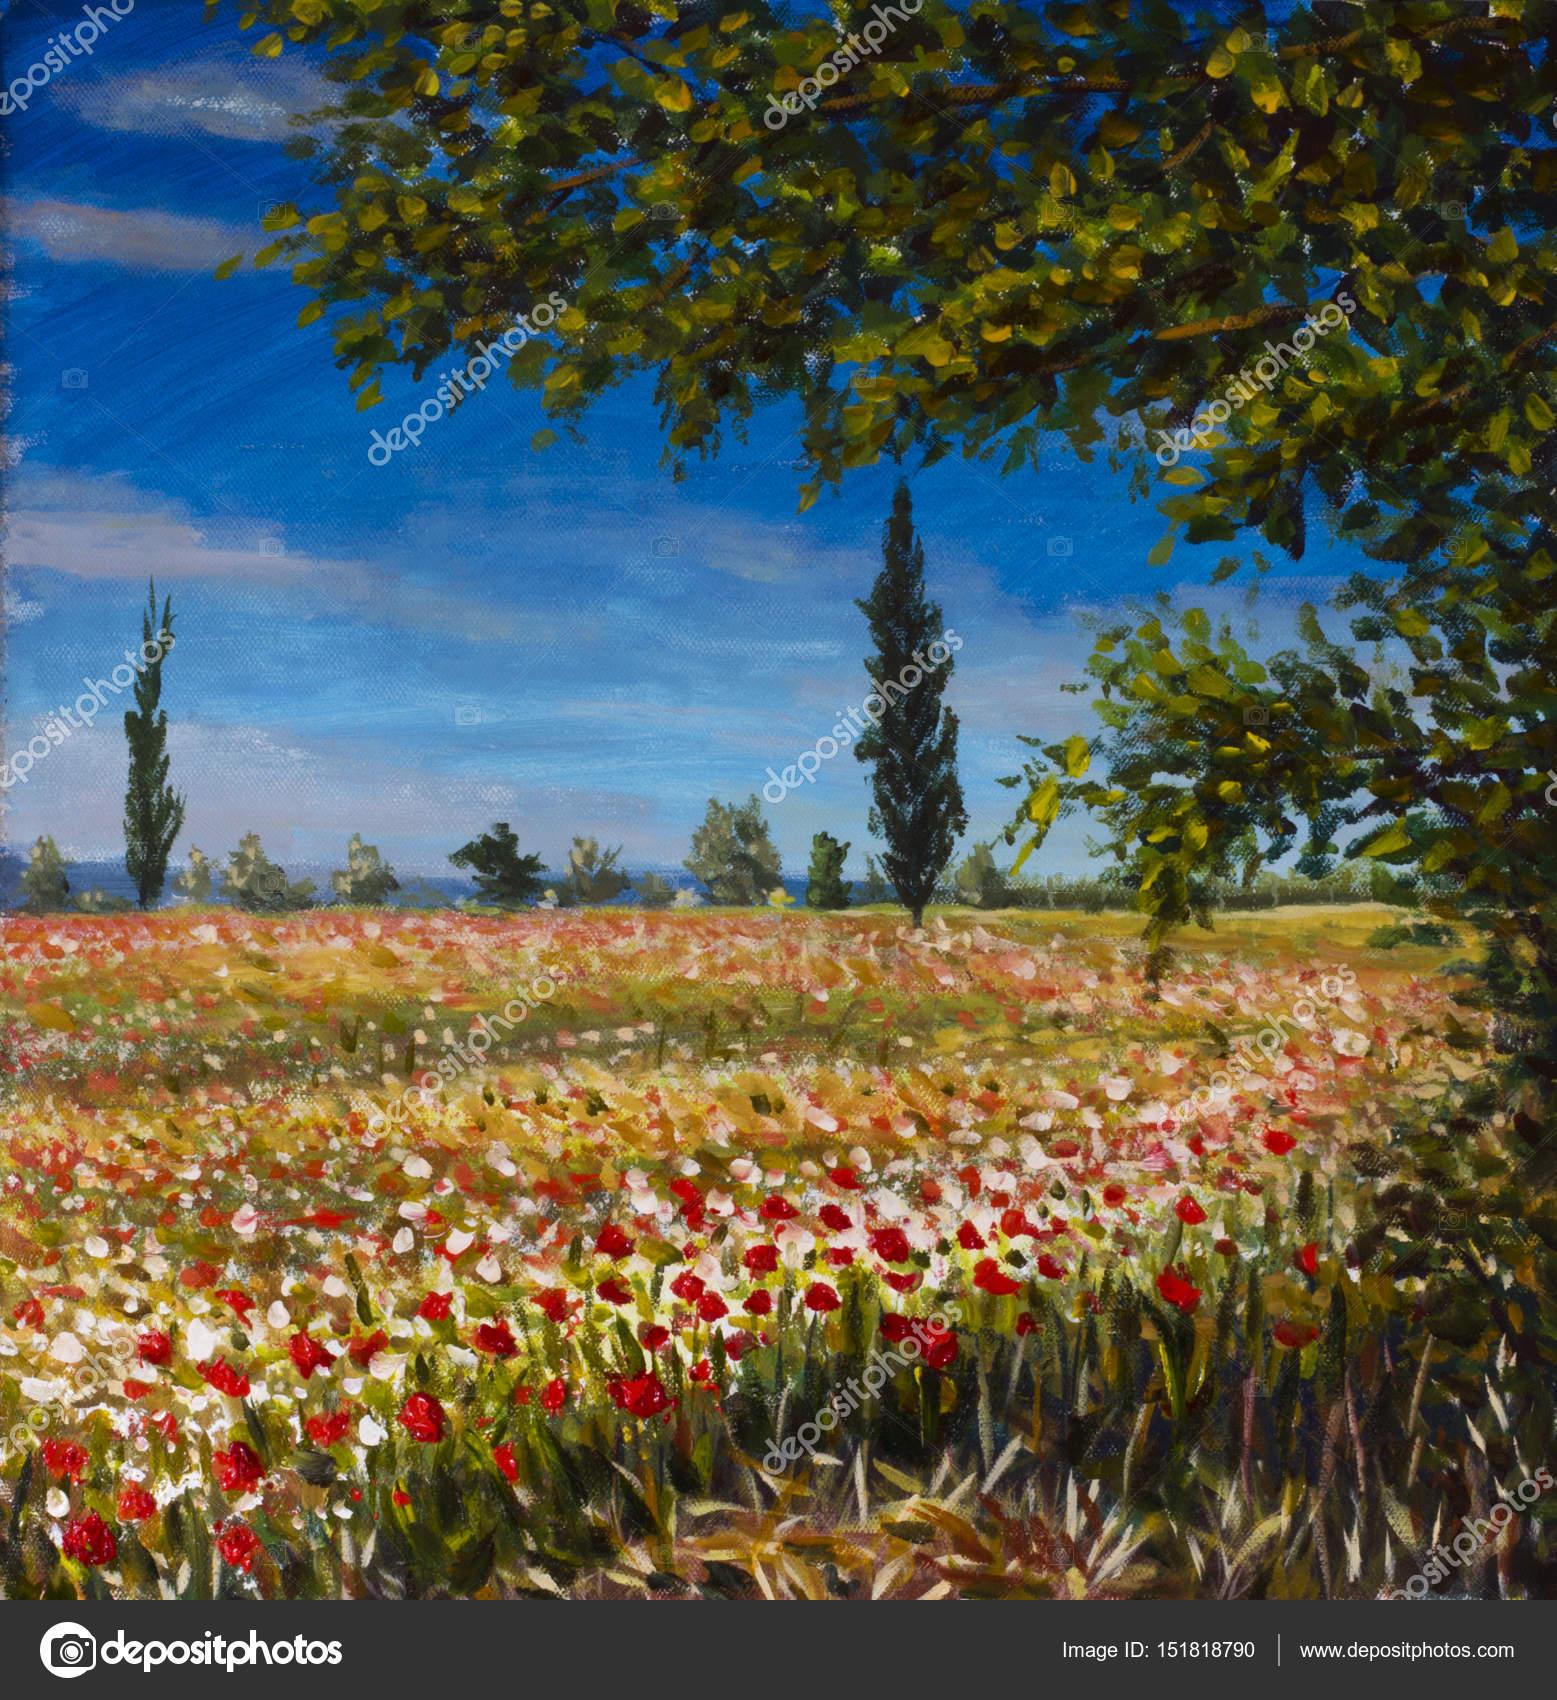 Landschaftsmalerei impressionismus  Original Ölgemälde auf Leinwand. Schöne französische Landschaft ...